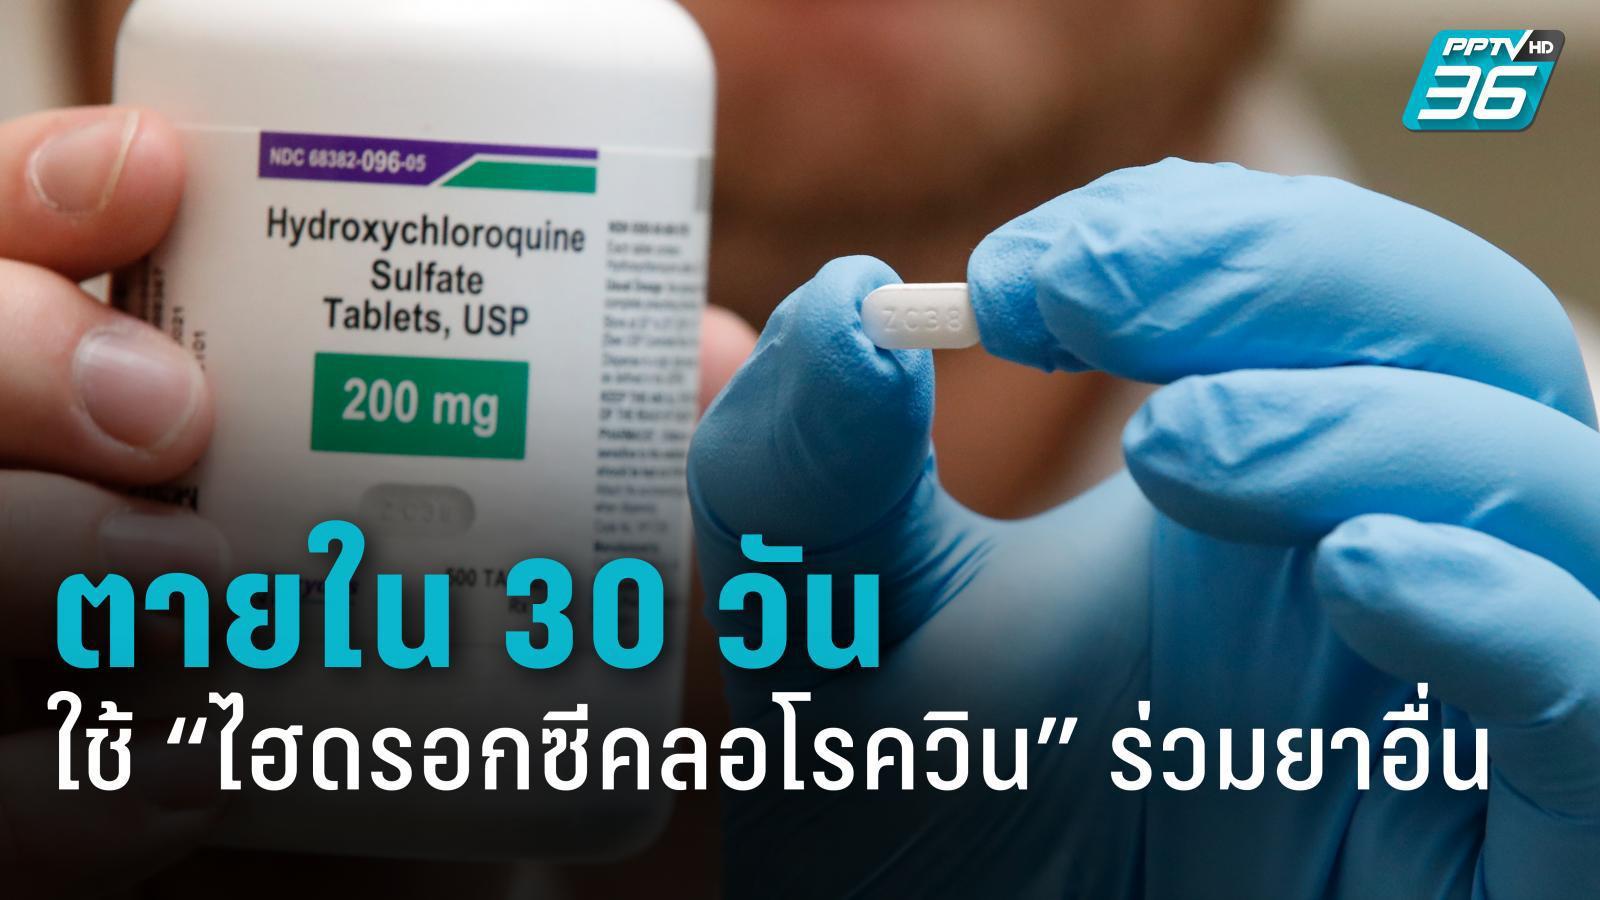 """งดใช้ """"ไฮดรอกซีคลอโรควิน"""" ร่วมกับยาอื่นในผู้ป่วยโควิด-19 ที่เป็นมะเร็ง"""